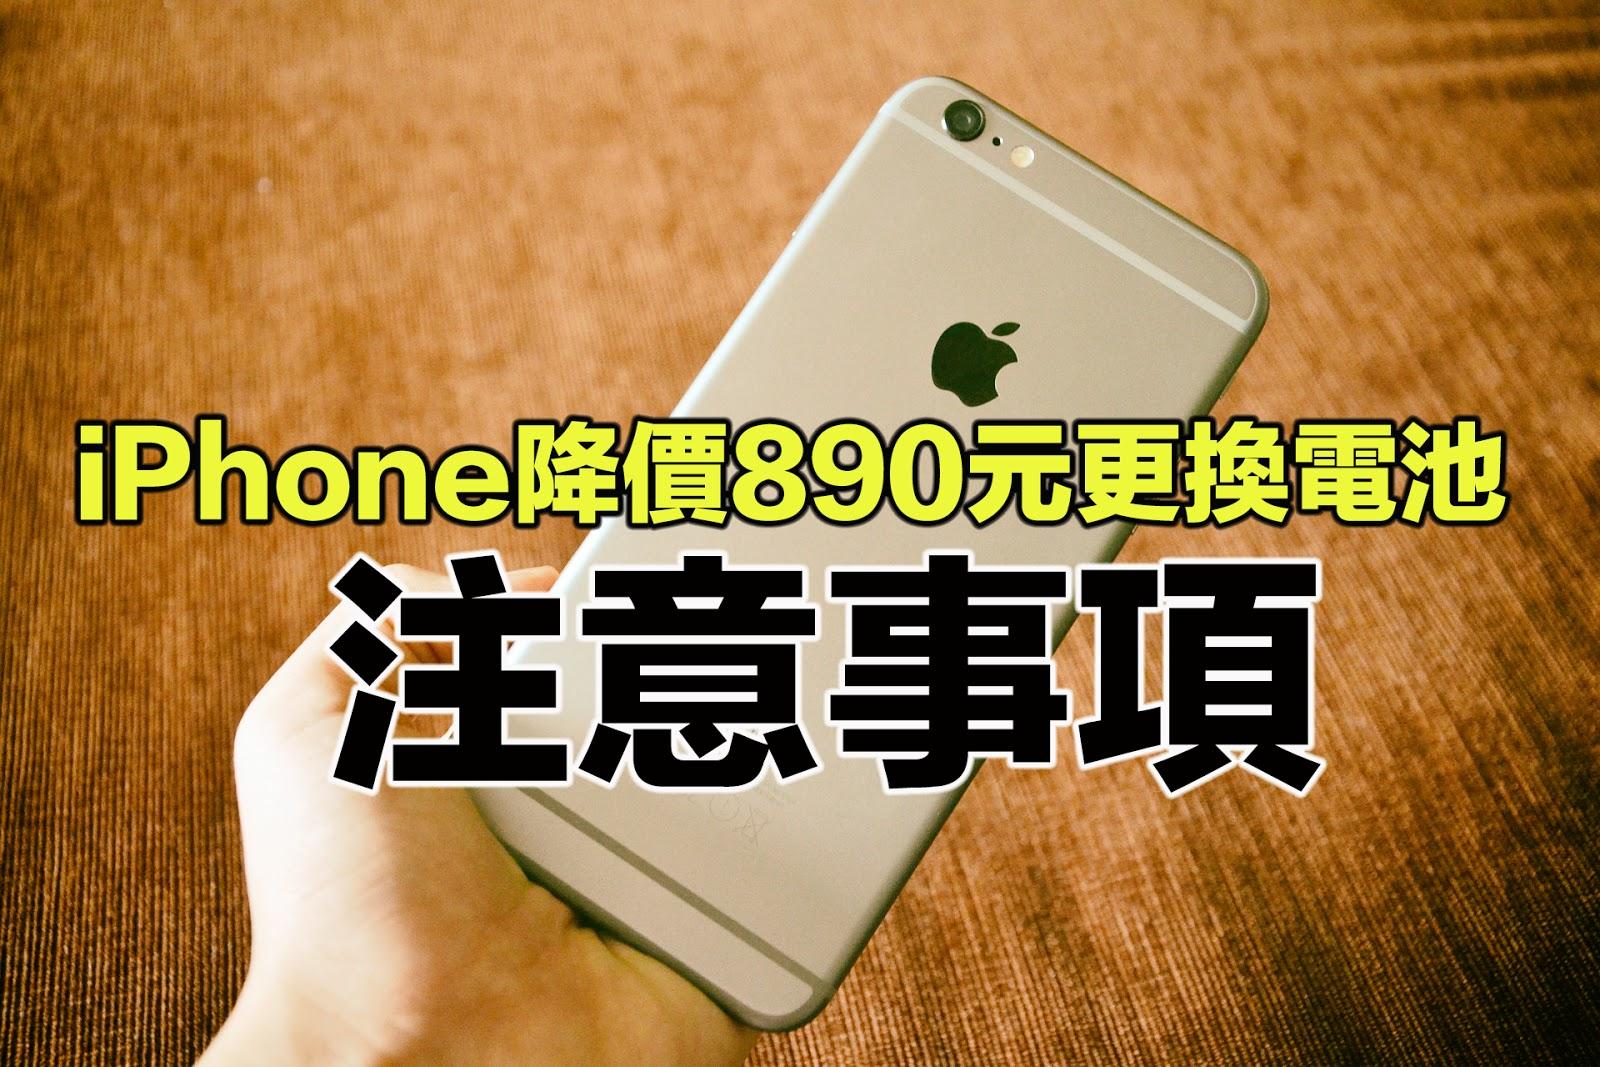 iPhone降價890元更換電池注意事項!